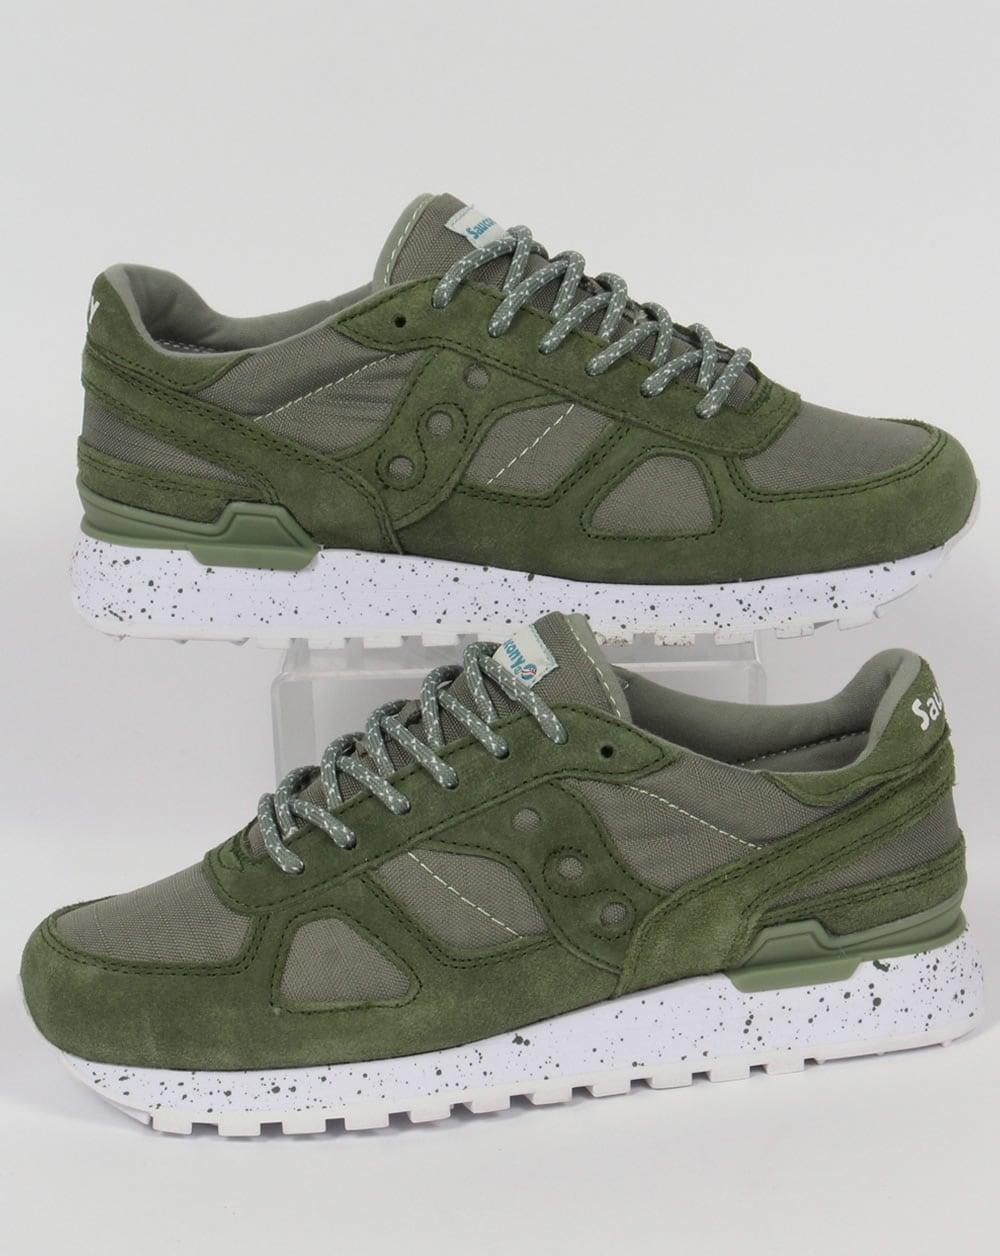 9b30f9ee1d85 Saucony Saucony Shadow Original Ripstop Trainers Green